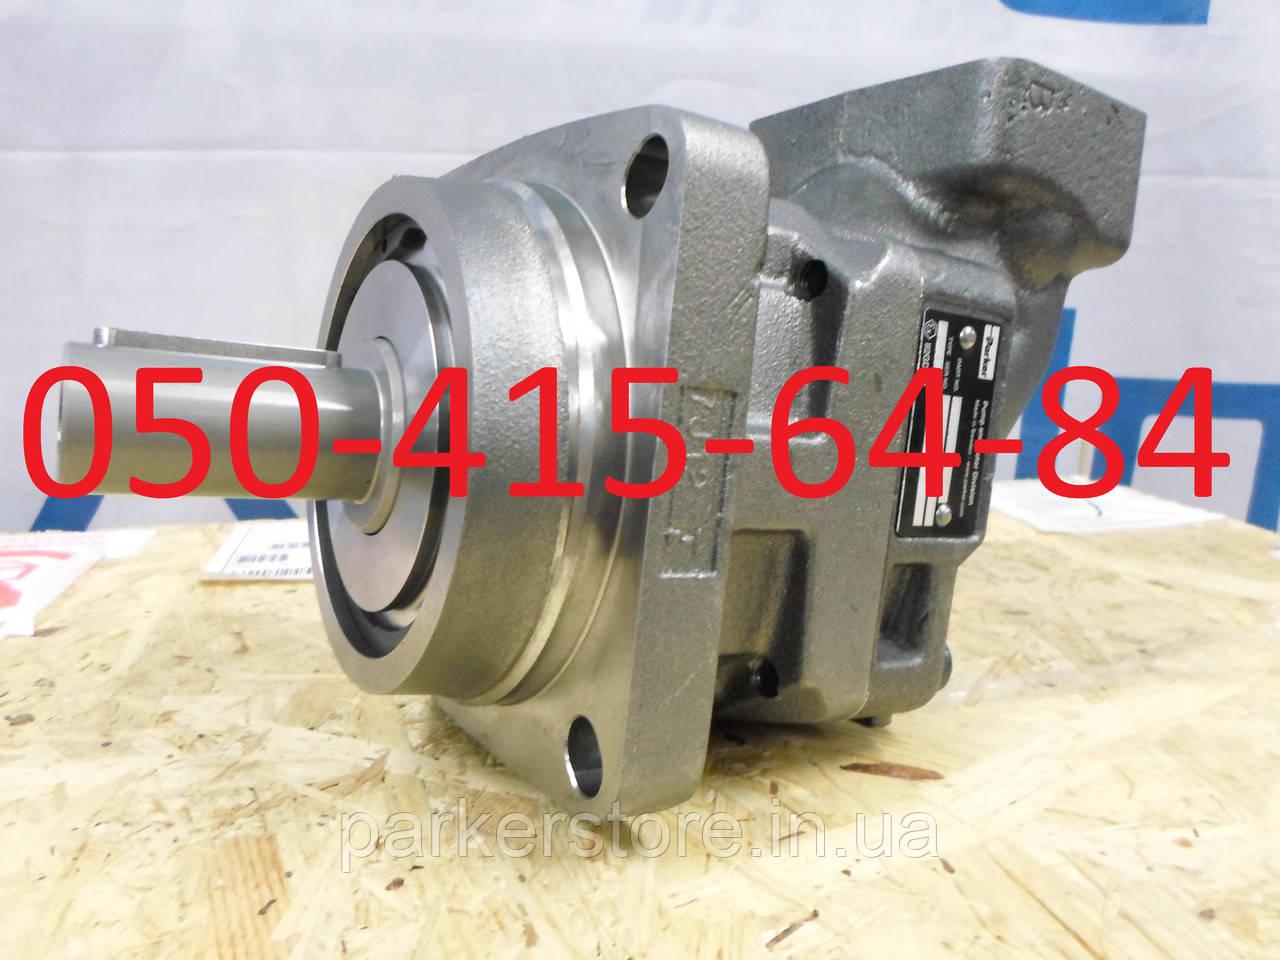 Гидромоторы Parker серии F12-040 по низкой цене от официального дистрибьютора в Украине